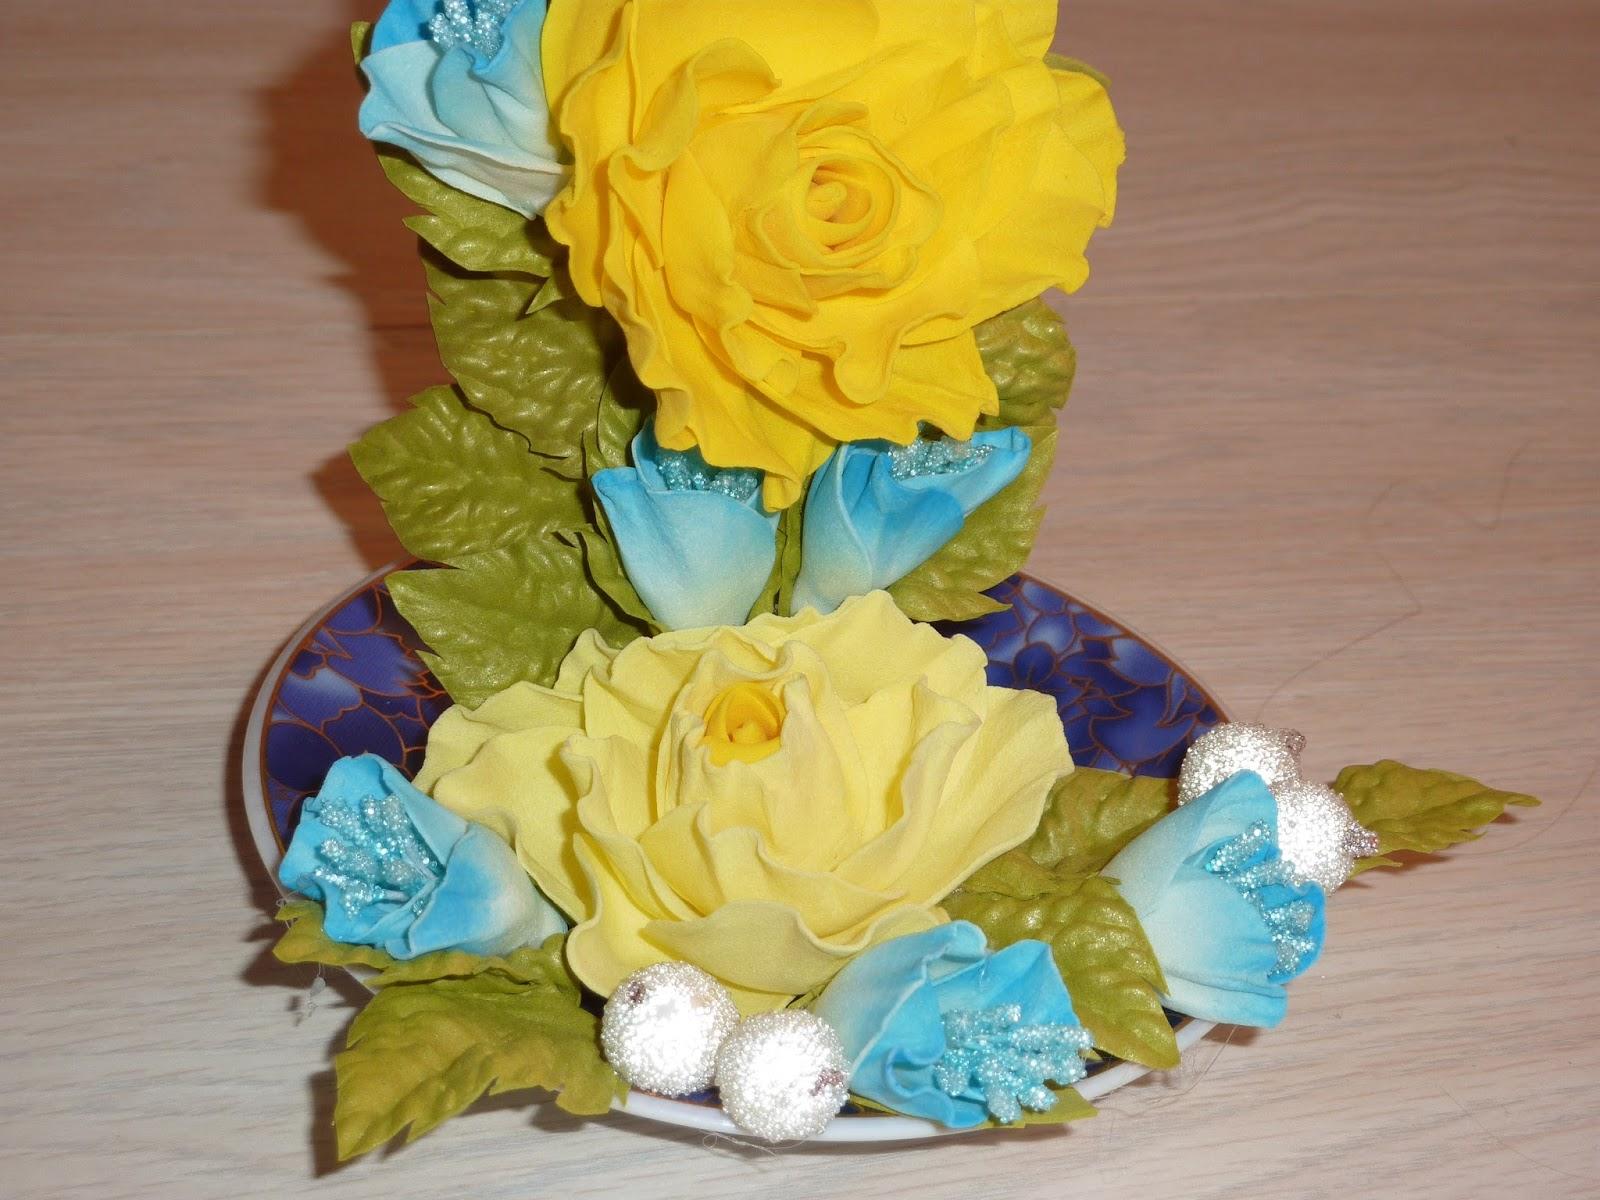 Украшения для стола из овощей. Цветы из овощей своими руками